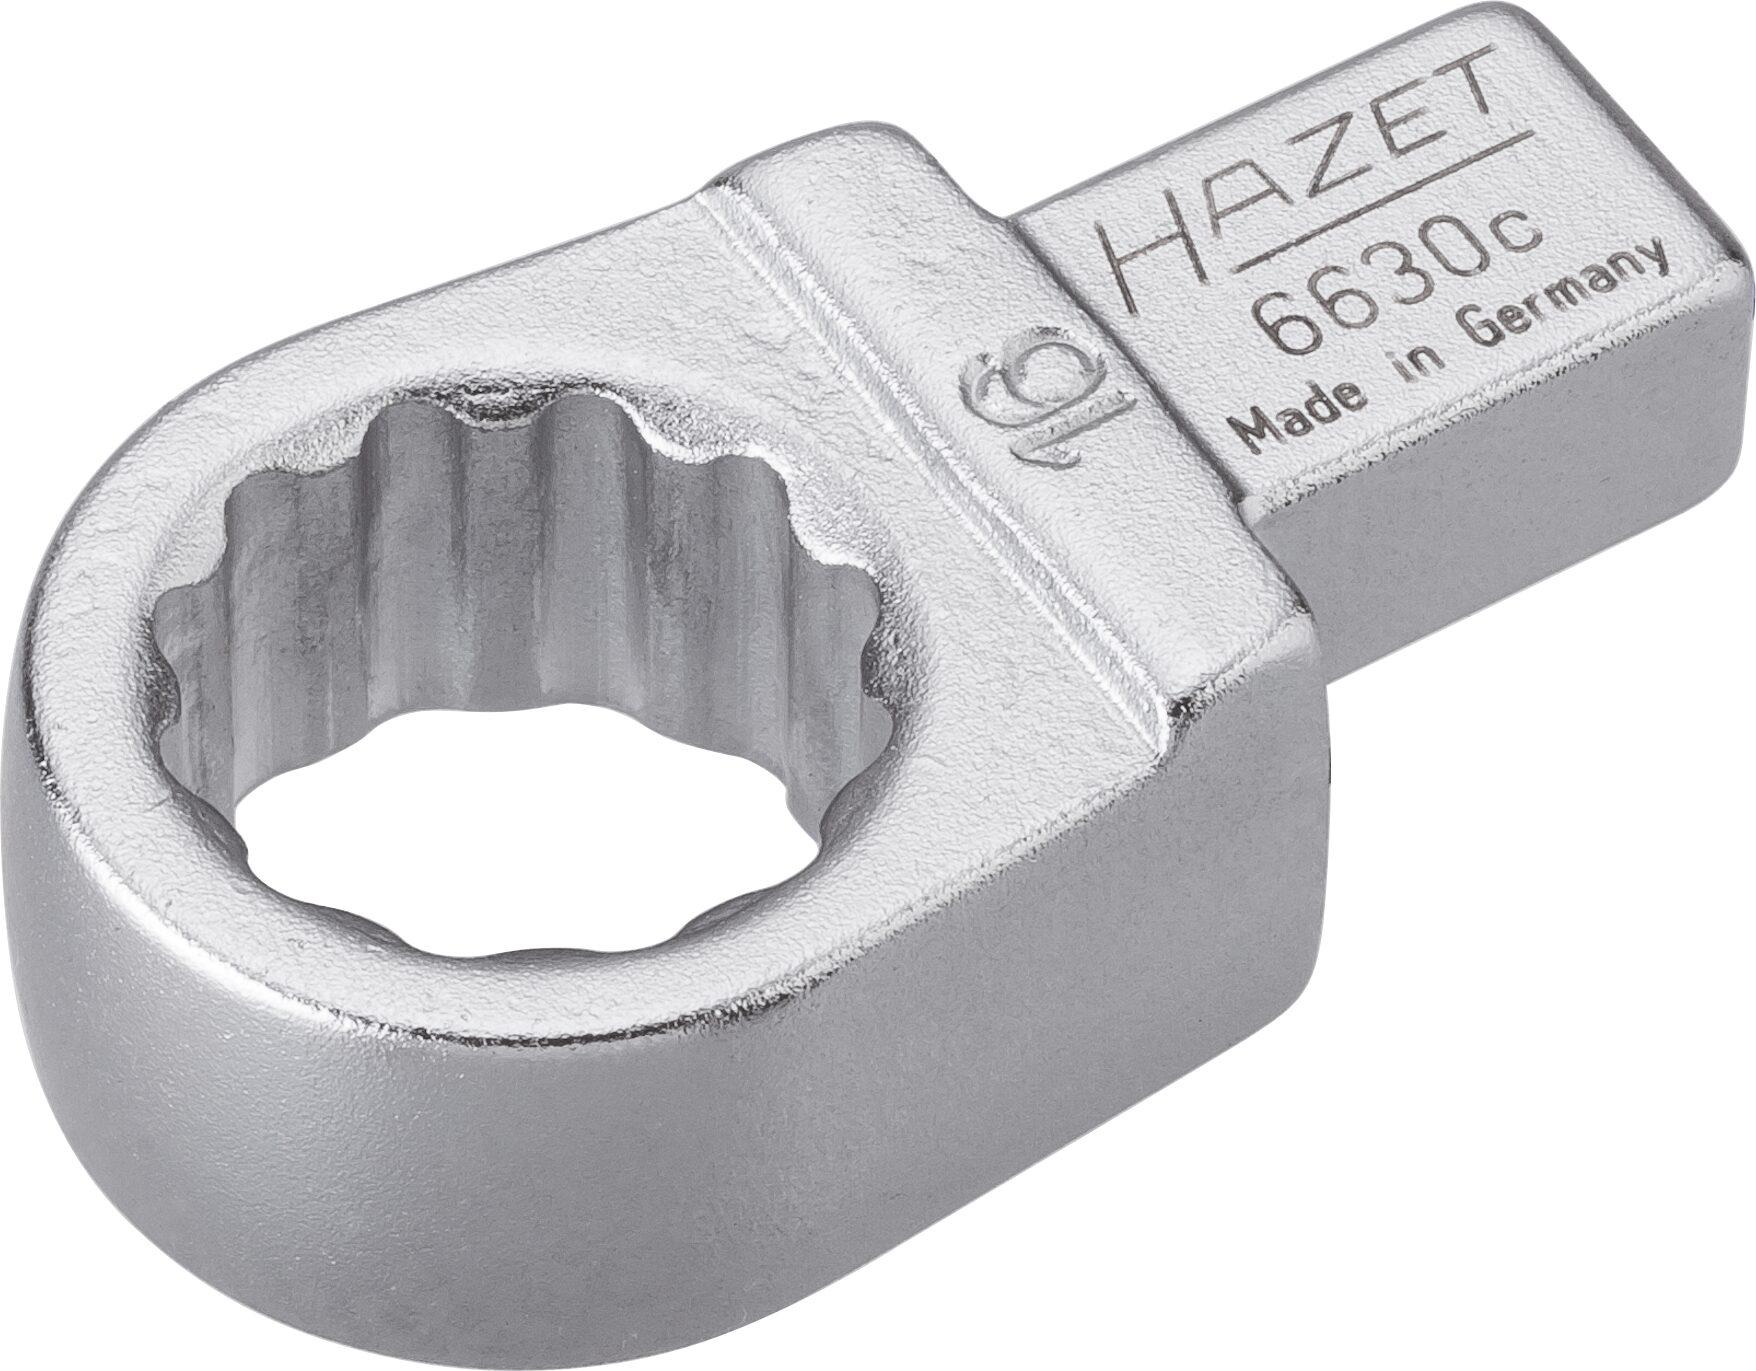 HAZET Einsteck-Ringschlüssel 6630C-16 ∙ Einsteck-Vierkant 9 x 12 mm ∙ Außen-Doppel-Sechskant-Tractionsprofil ∙ 16 mm